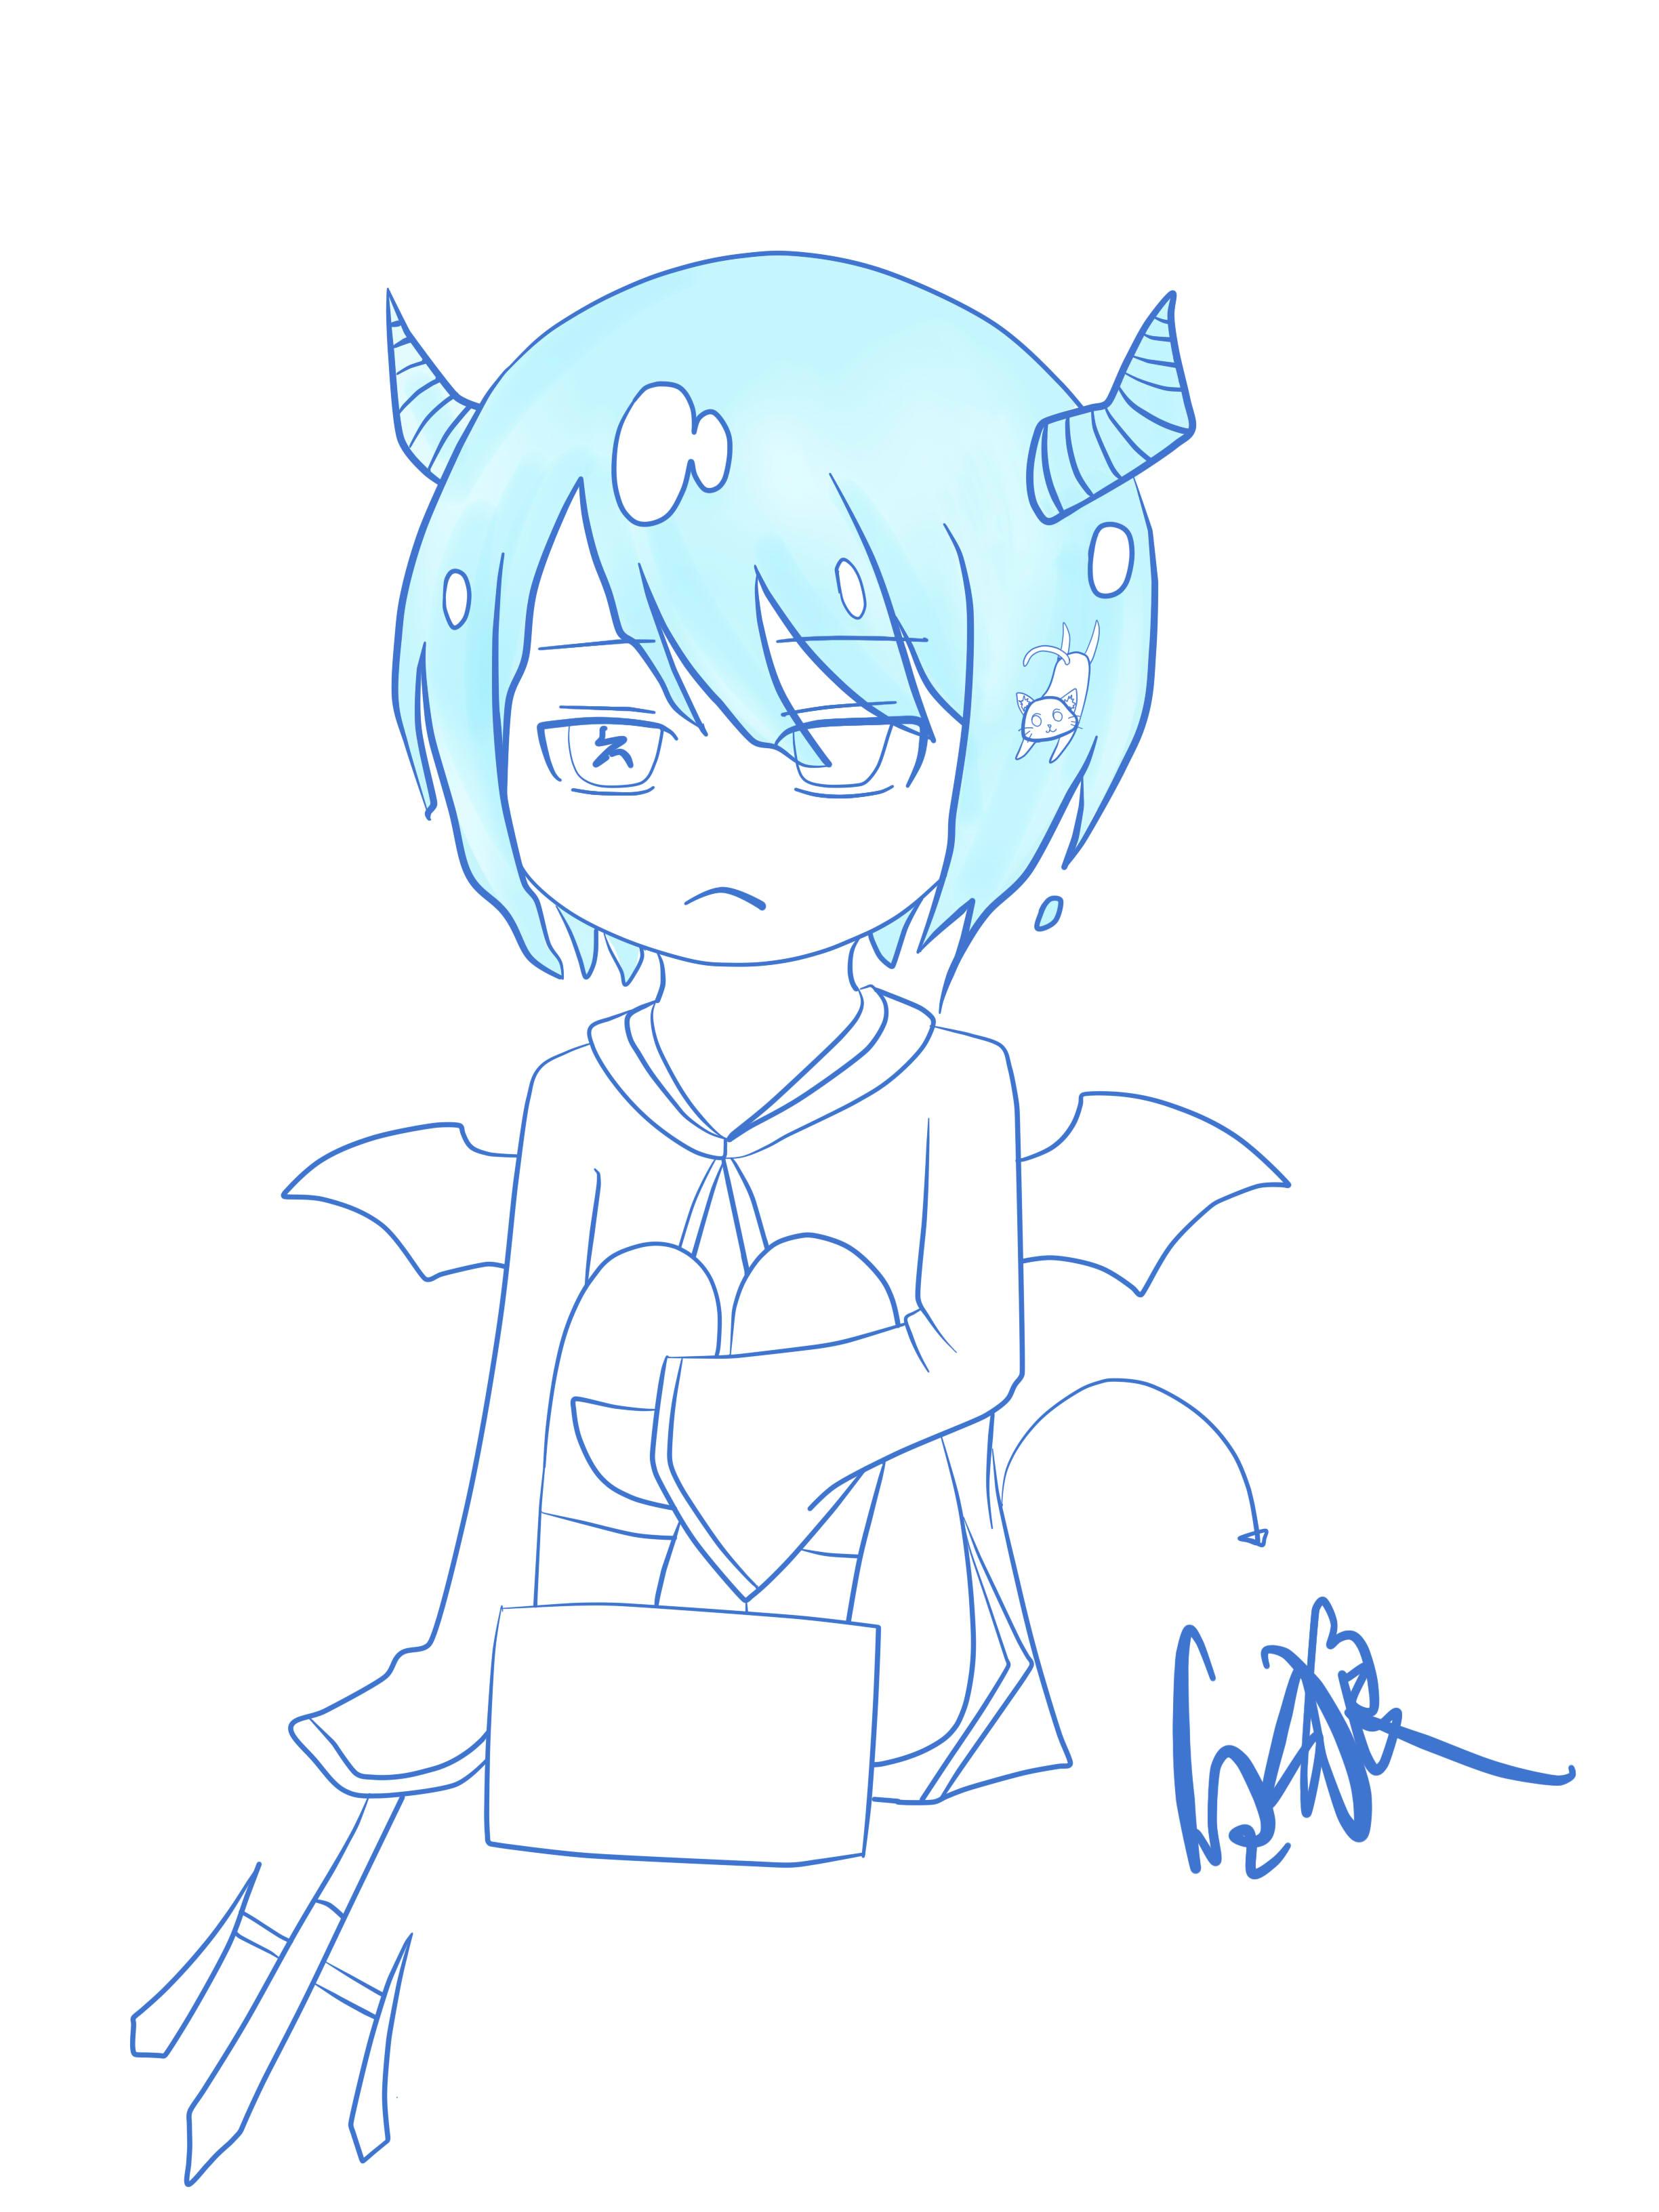 蓝狼的简笔画